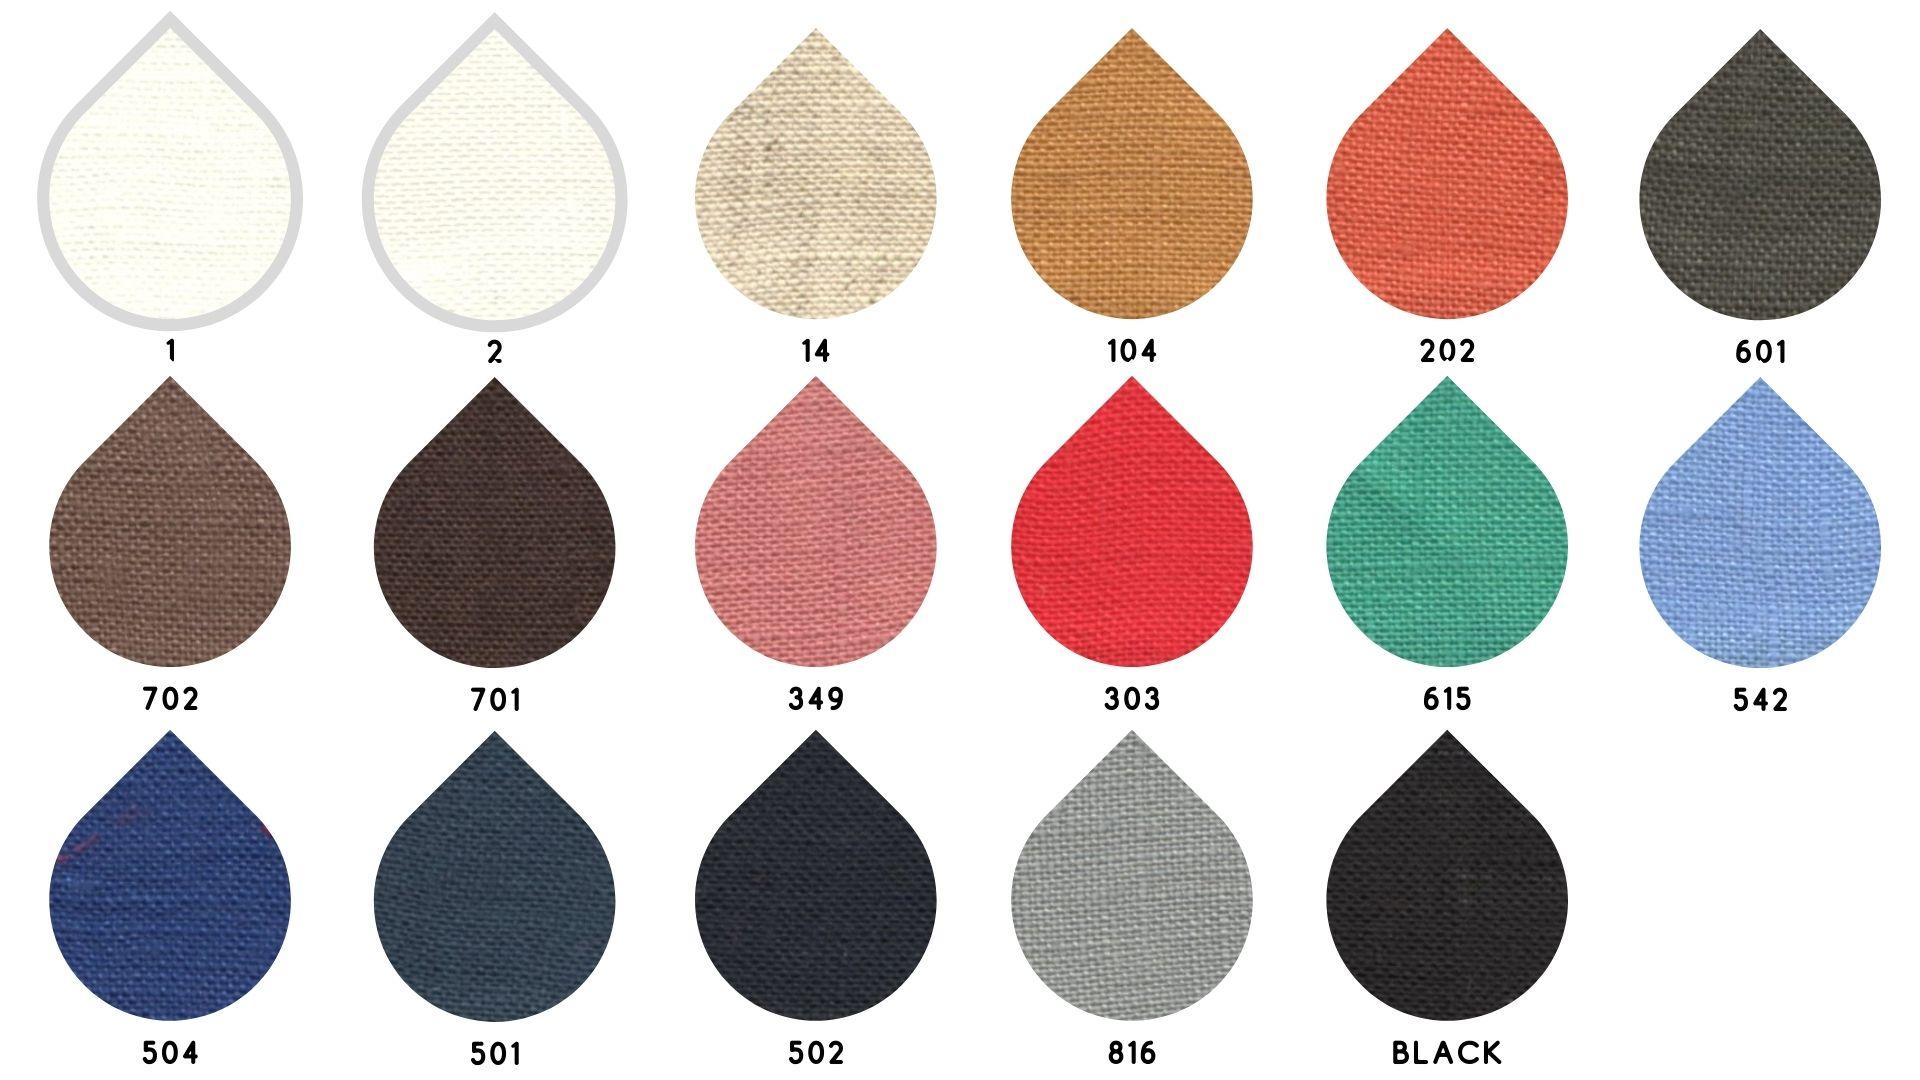 la cartella colore del tessuto dublino di Leadford & Logan